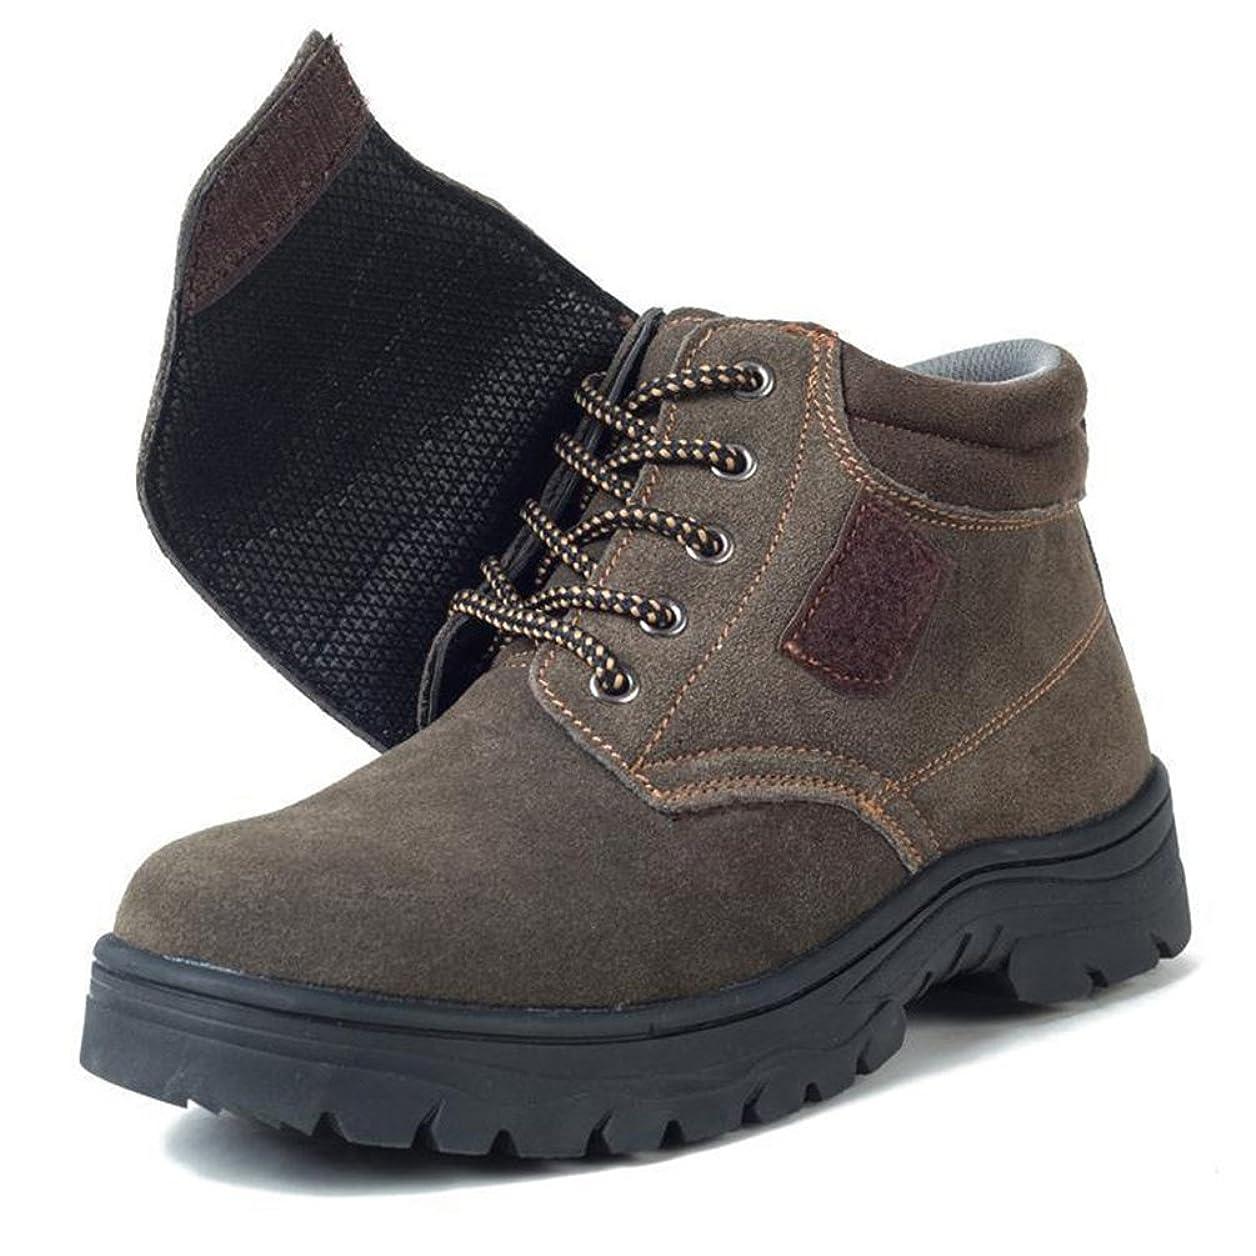 転送少年爆風作業靴 安全靴 マジックテープ 紐 2ways 履きやすい ブーツ メンズ レディース ハイカット スウェード スチール先芯 防水 防滑 耐油 軽量 ゲル メッシュ ウレタン二層底 鋼製ミッドソール 23.0cm-28.0cm